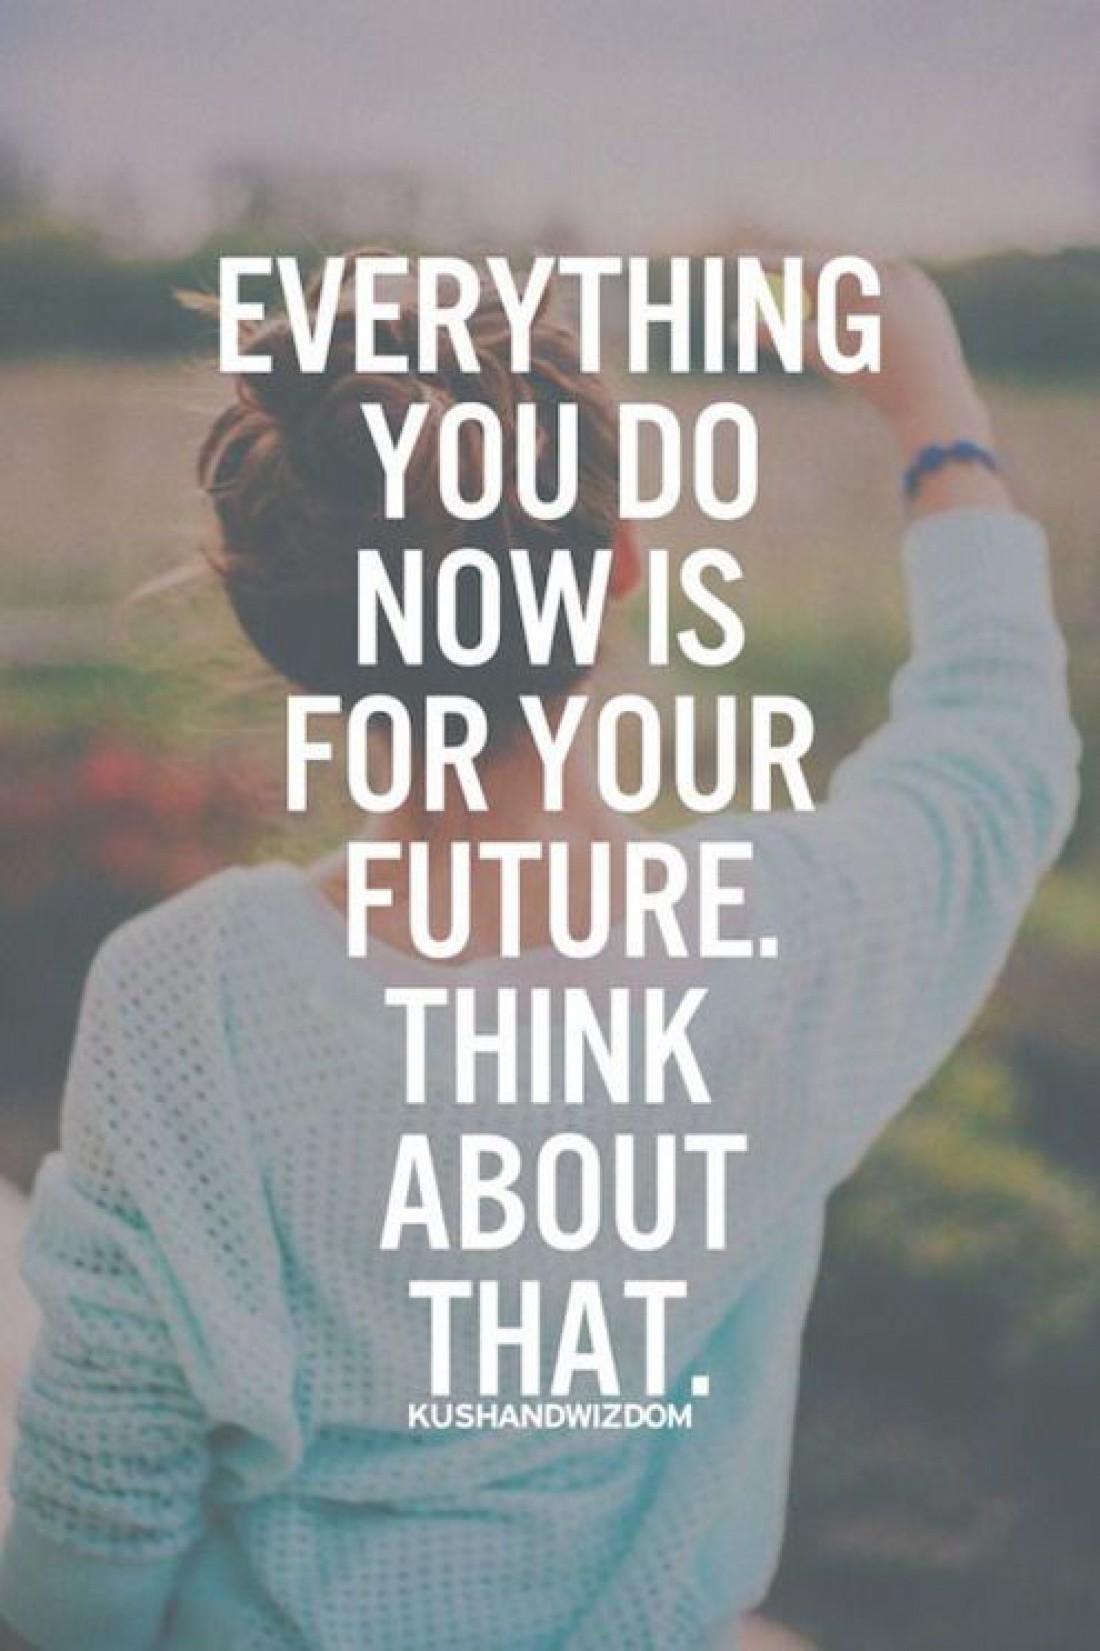 Все что ты делаешь сейчас - это вклад в будущее. Думай об этом.